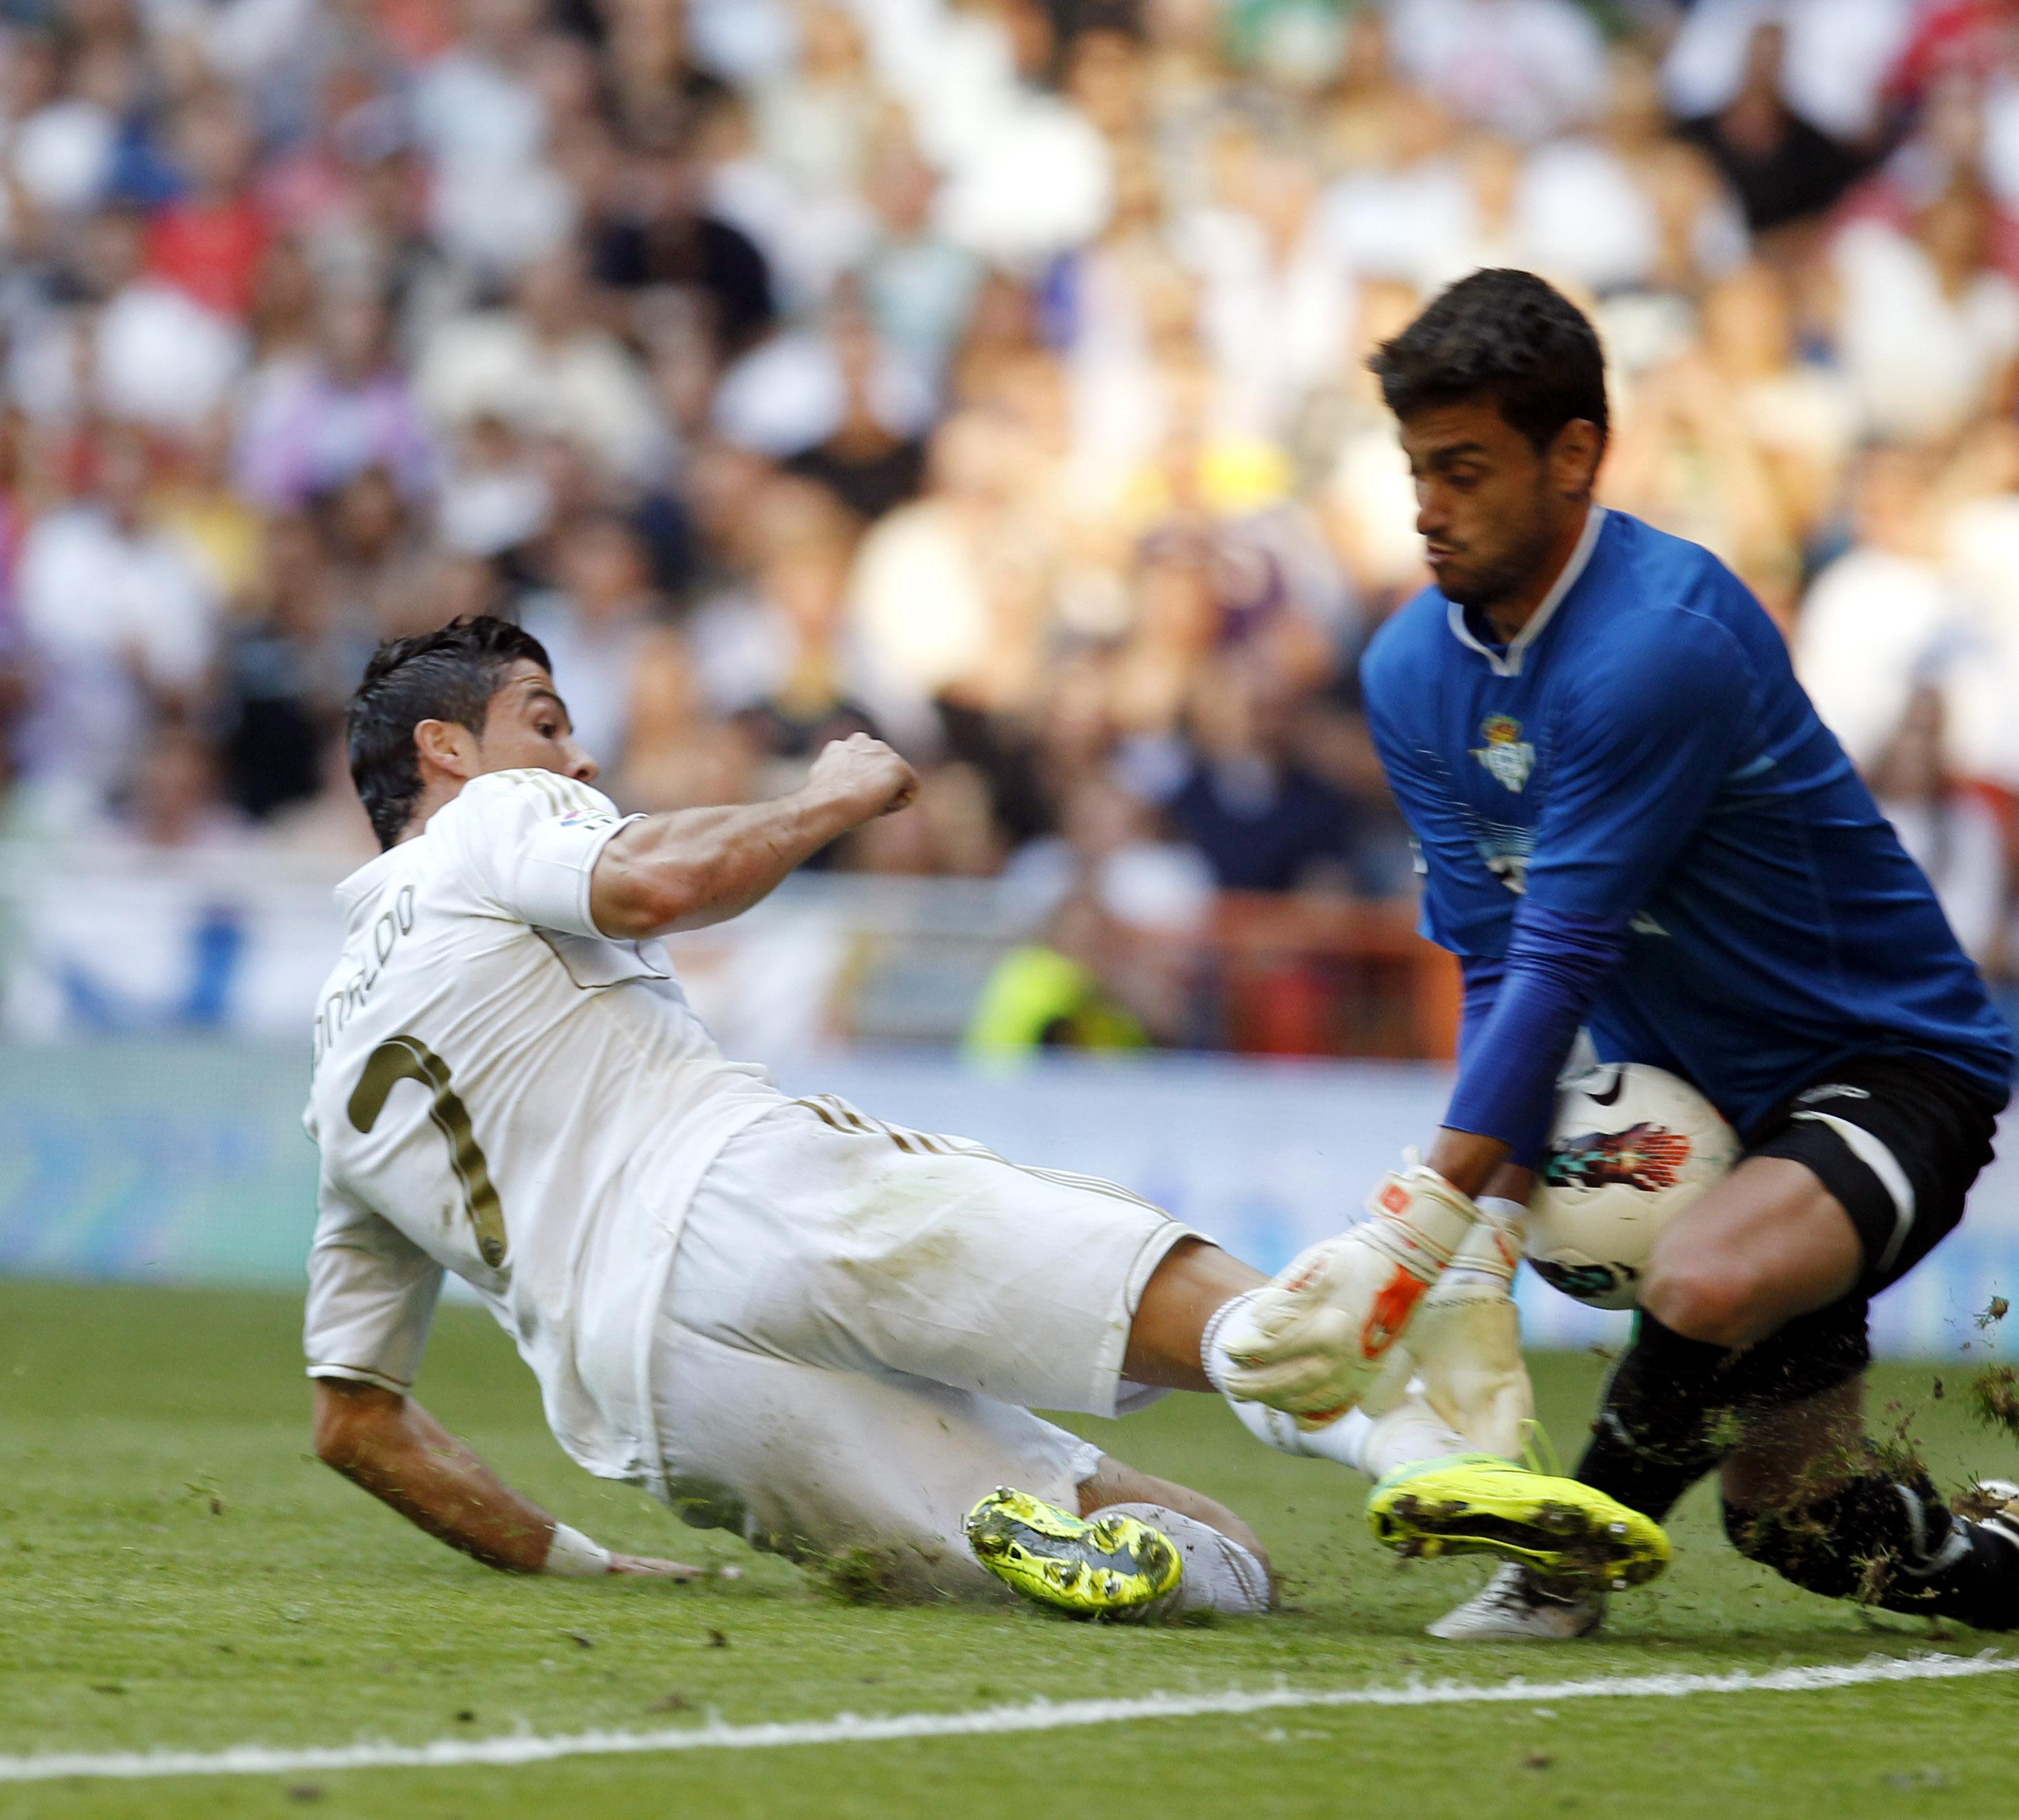 Casto desbarata una ocasión de Cristiano, la temporada pasada / Marcamedia